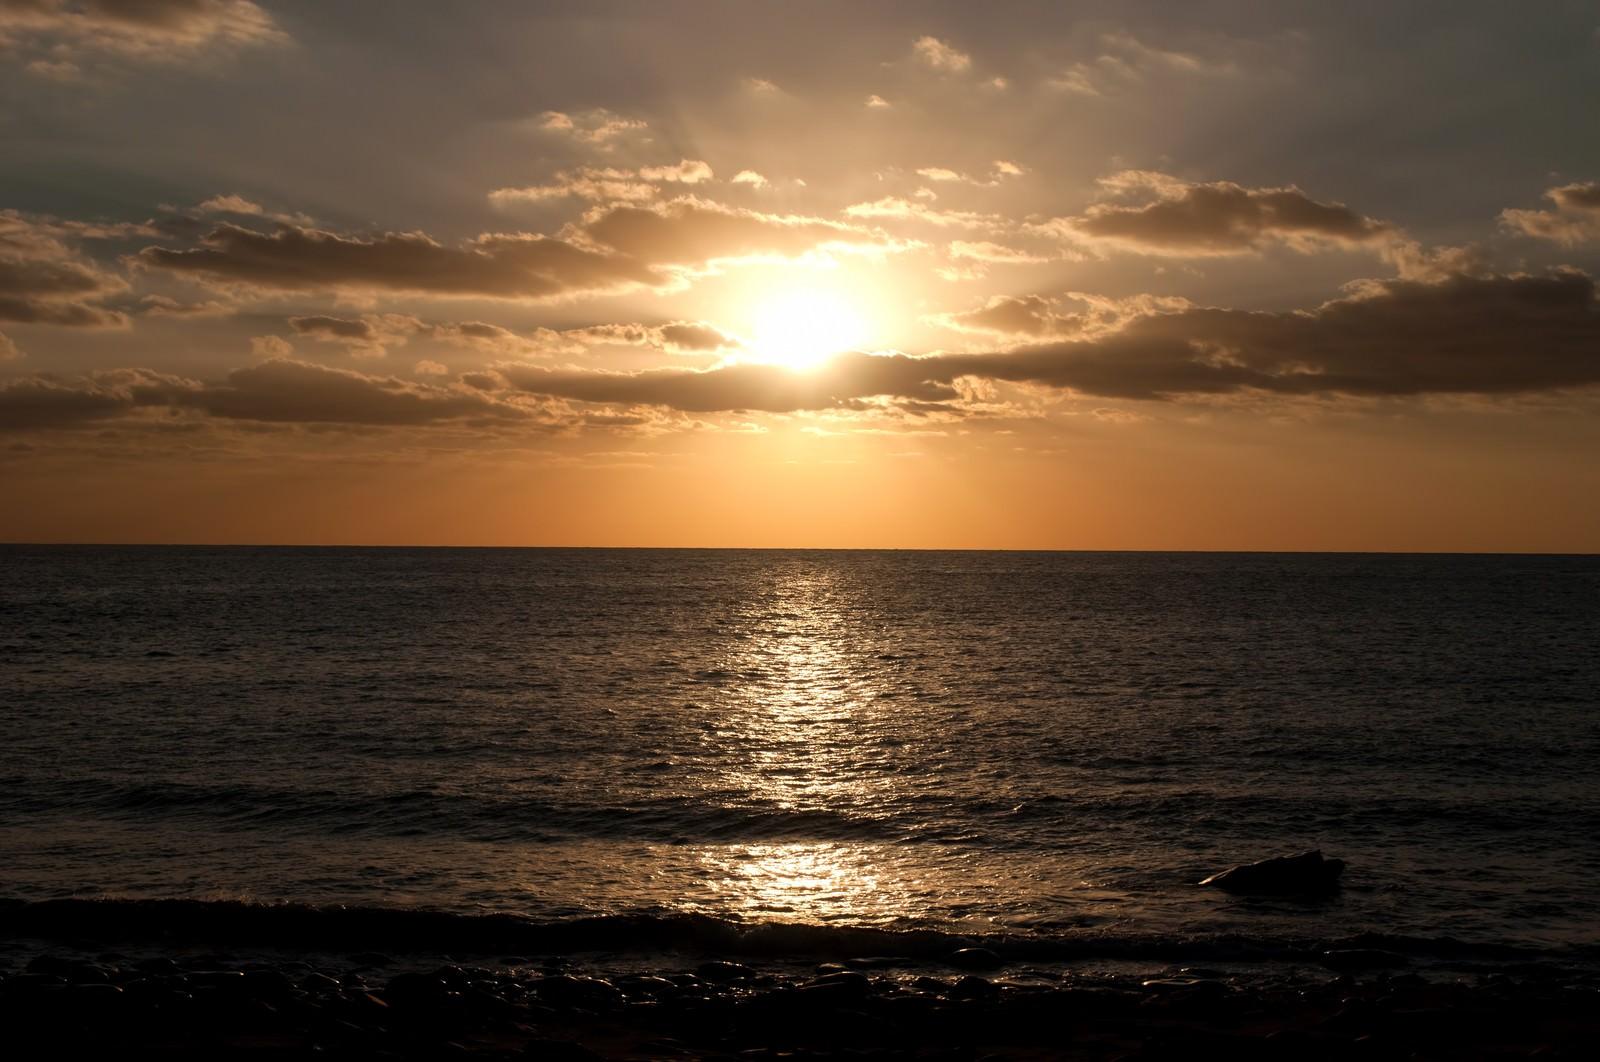 「屋久島の海と夕焼け」の写真